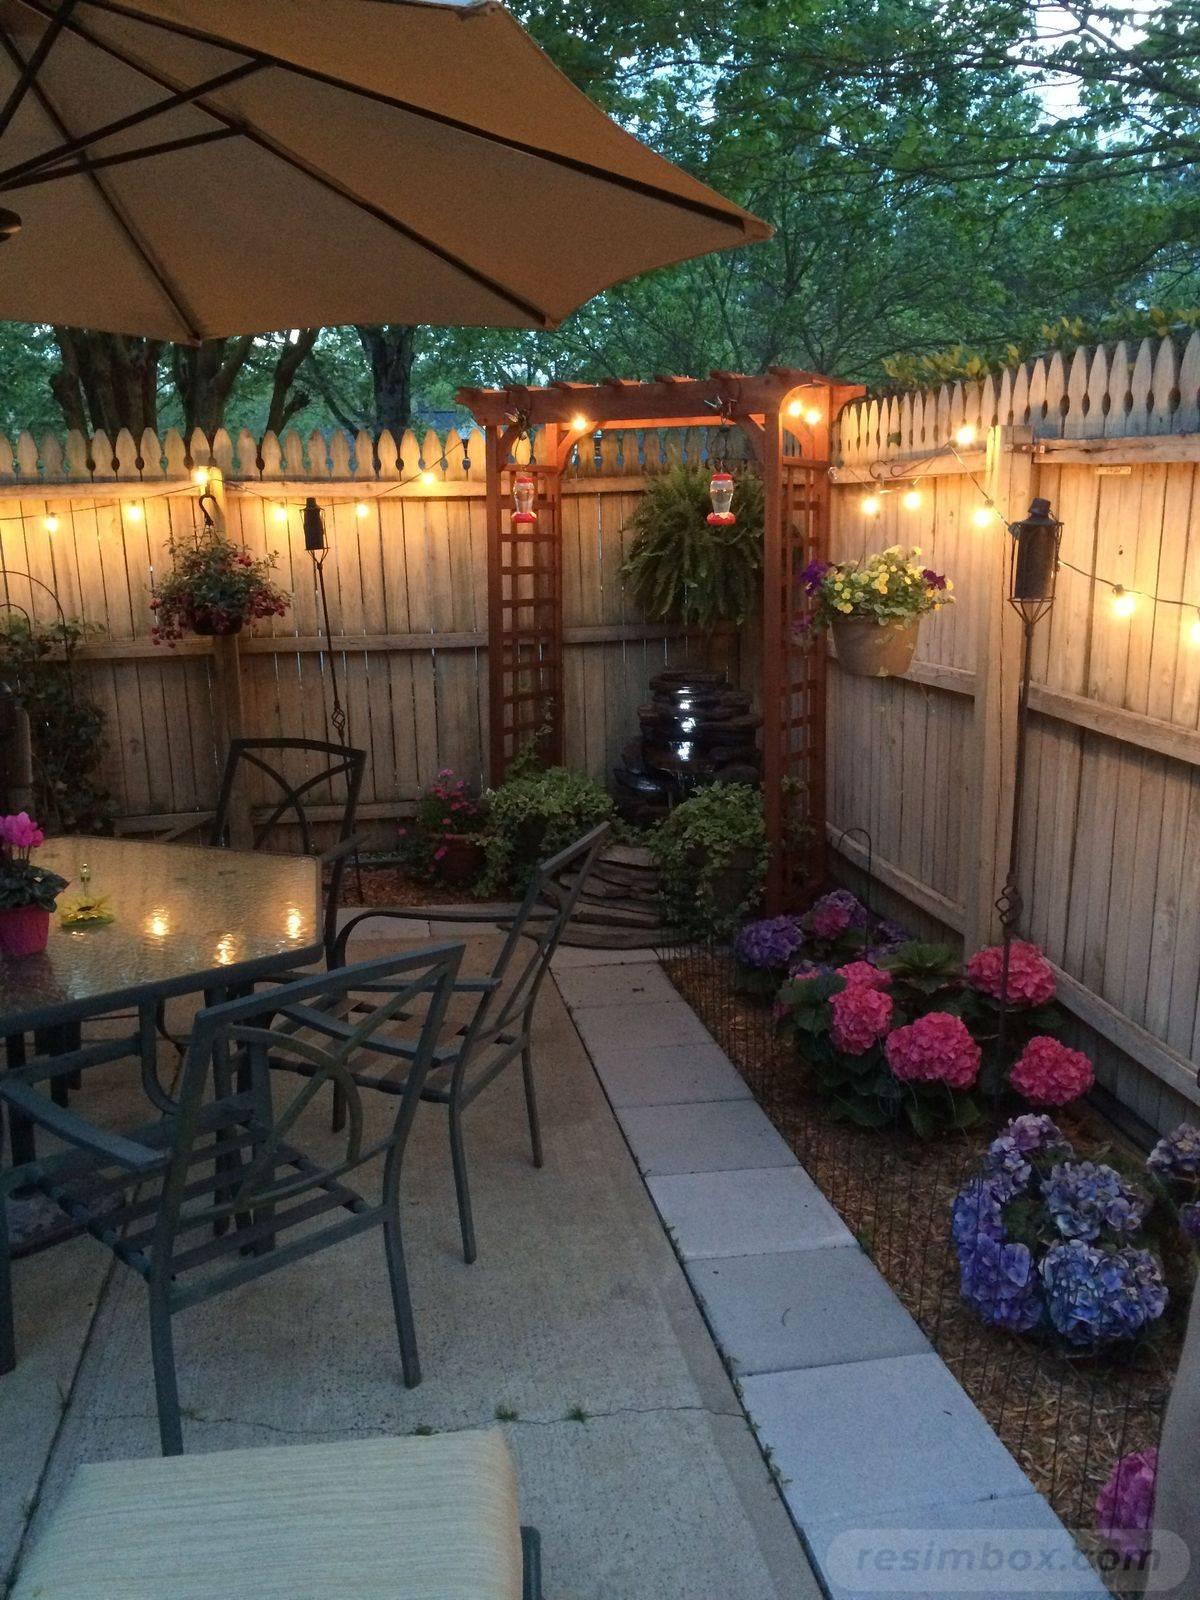 tropical garden ideas-48695239707459521